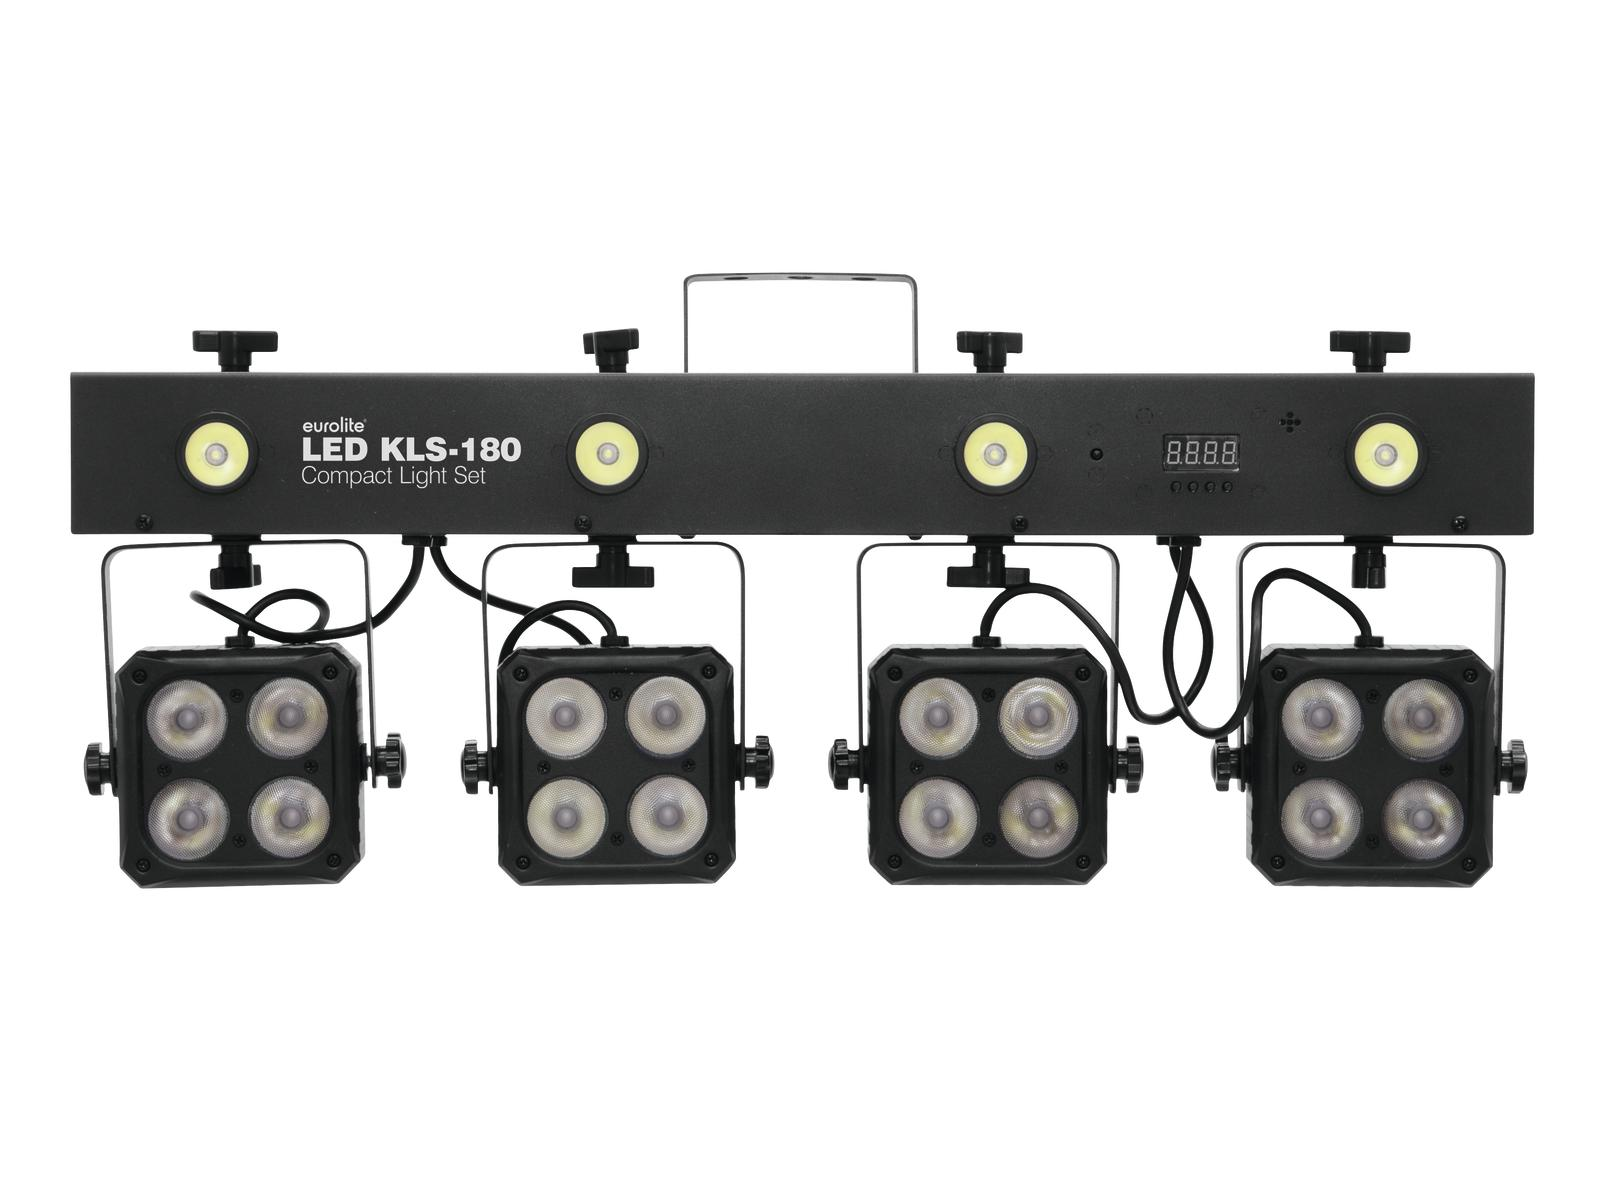 eurolite-led-kls-180-kompakt-lichtset